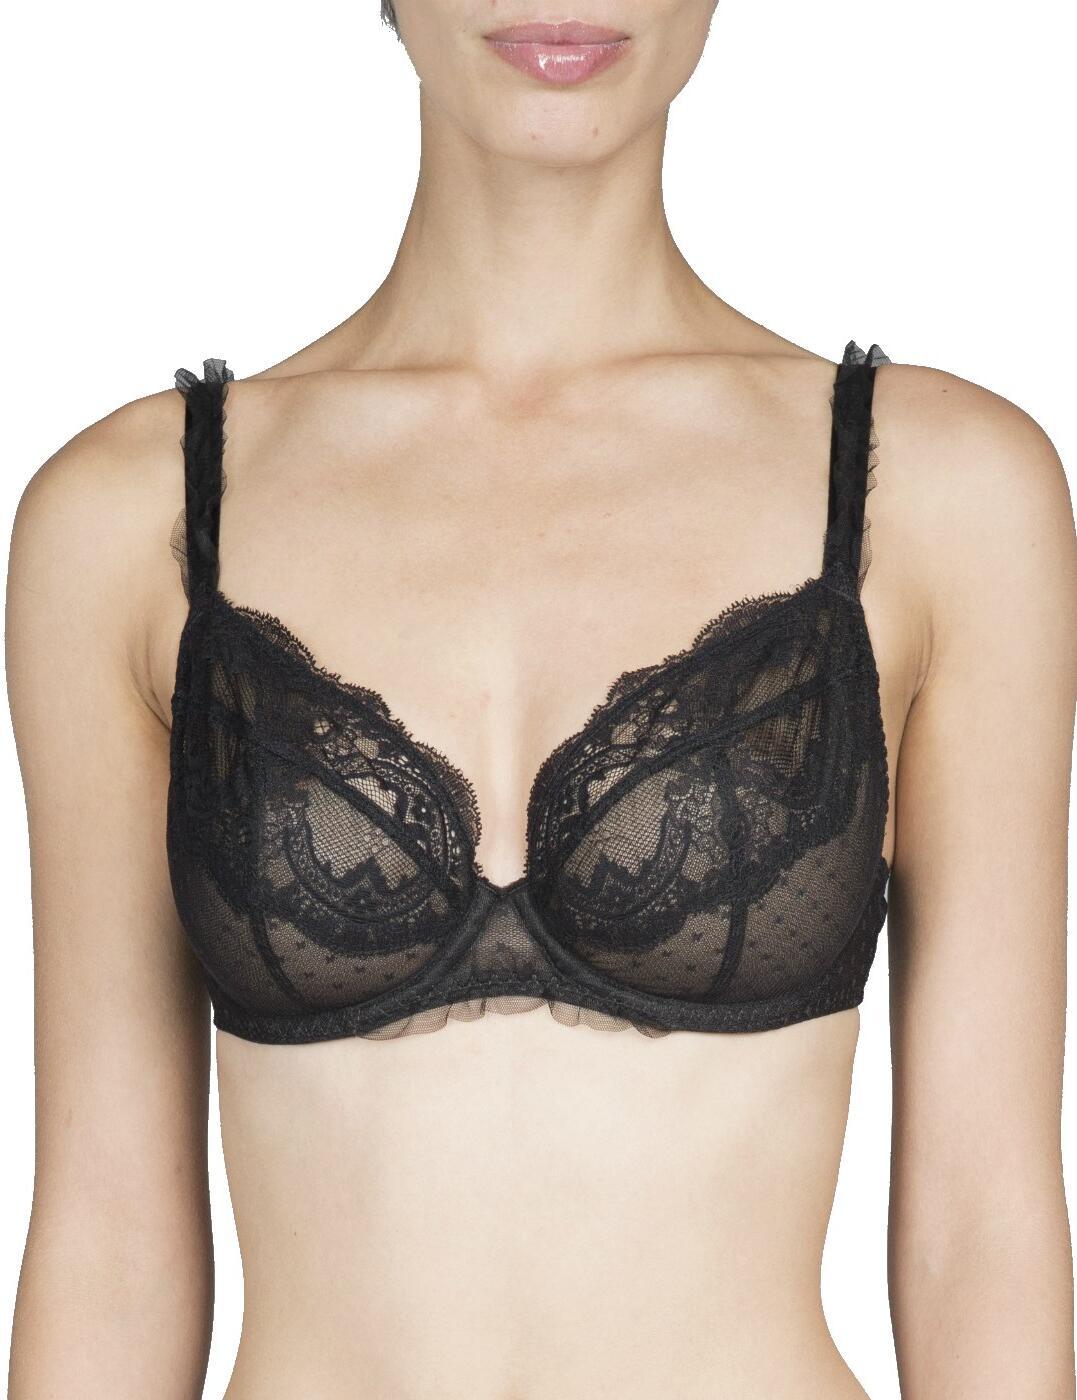 31631 Maison Lejaby Demoiselle 3 Part Balconette Bra - 31631 Black (Noir)